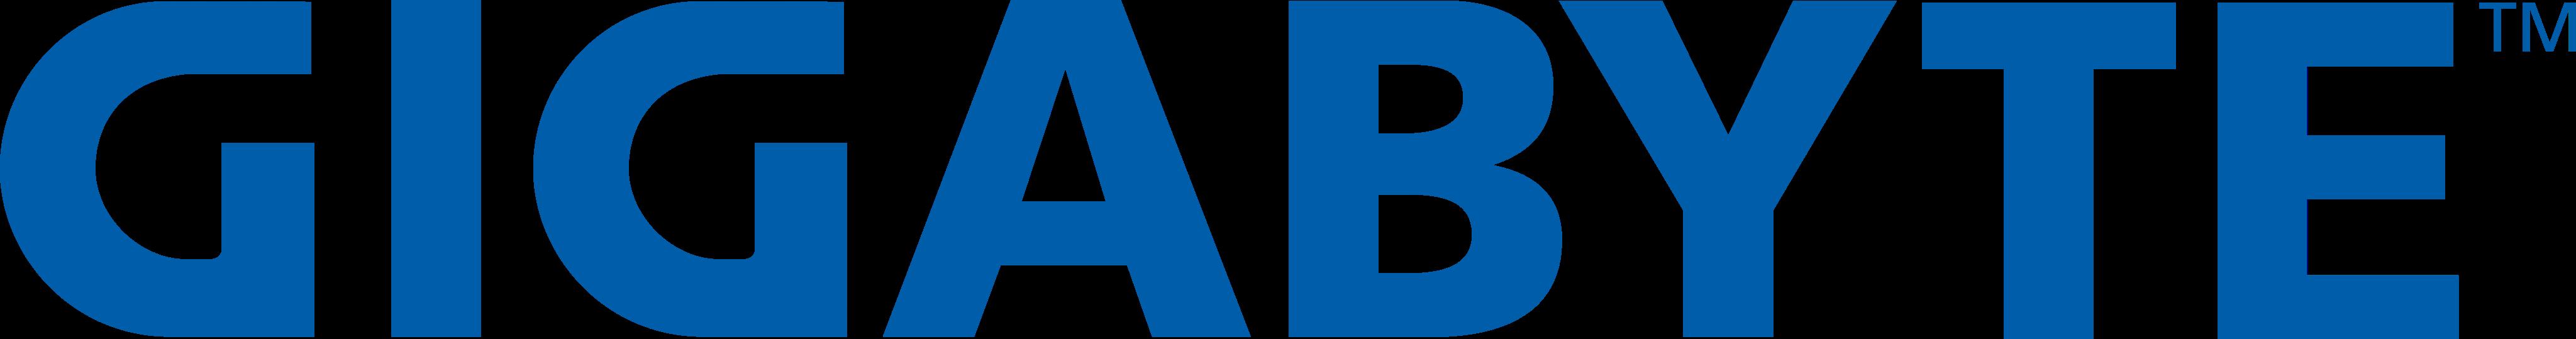 gigabyte logo - GIGABYTE Logo